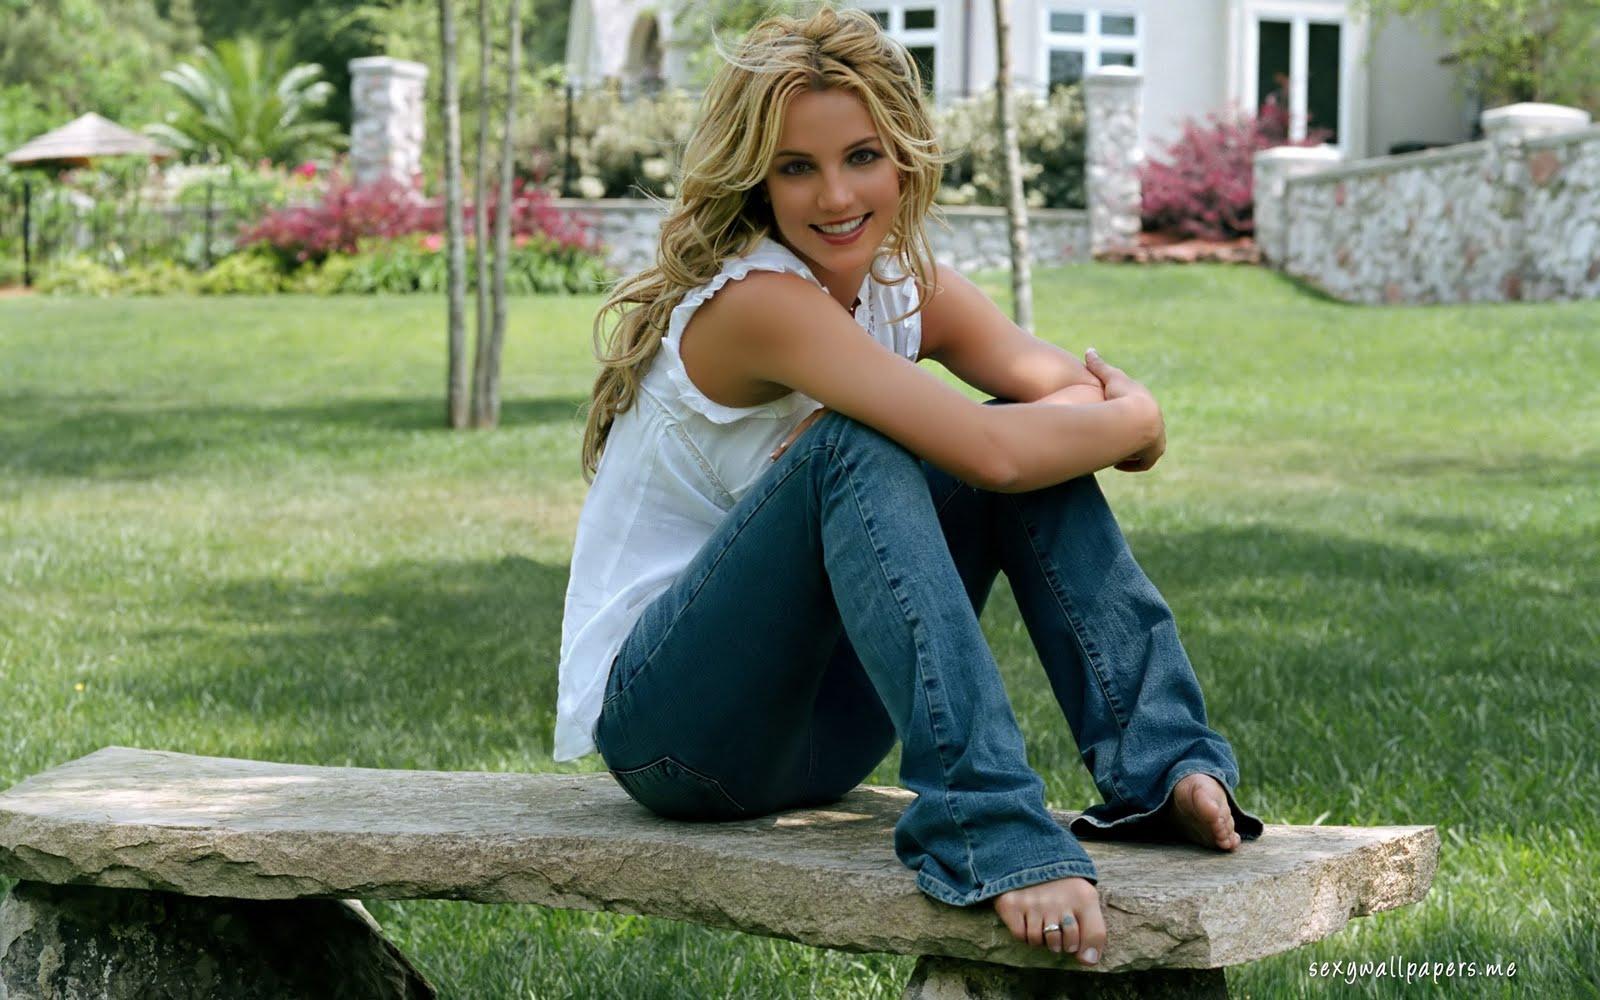 http://4.bp.blogspot.com/-lVMW9YTyfVA/Tmpk06-NxqI/AAAAAAAAMj0/mWjRH69_e7k/s1600/britney-spears-relaxing-girl-1920x1200.jpg